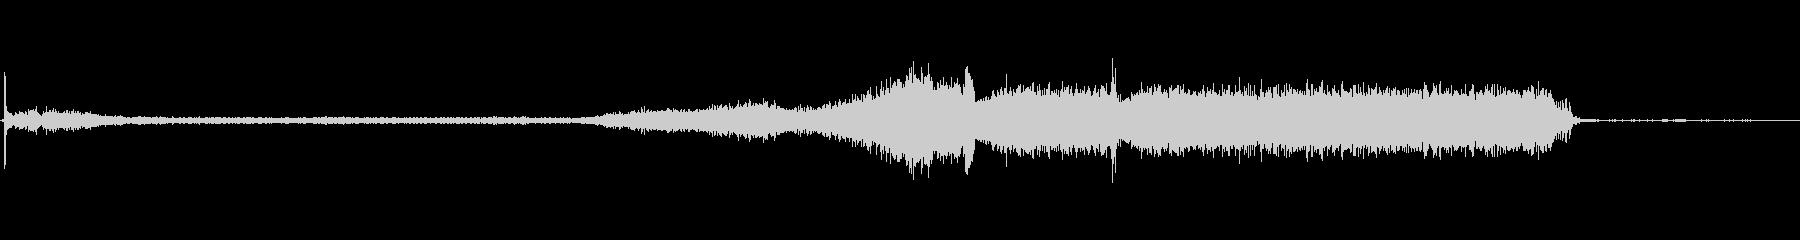 EXT:距離を置いて開始、Lからプ...の未再生の波形